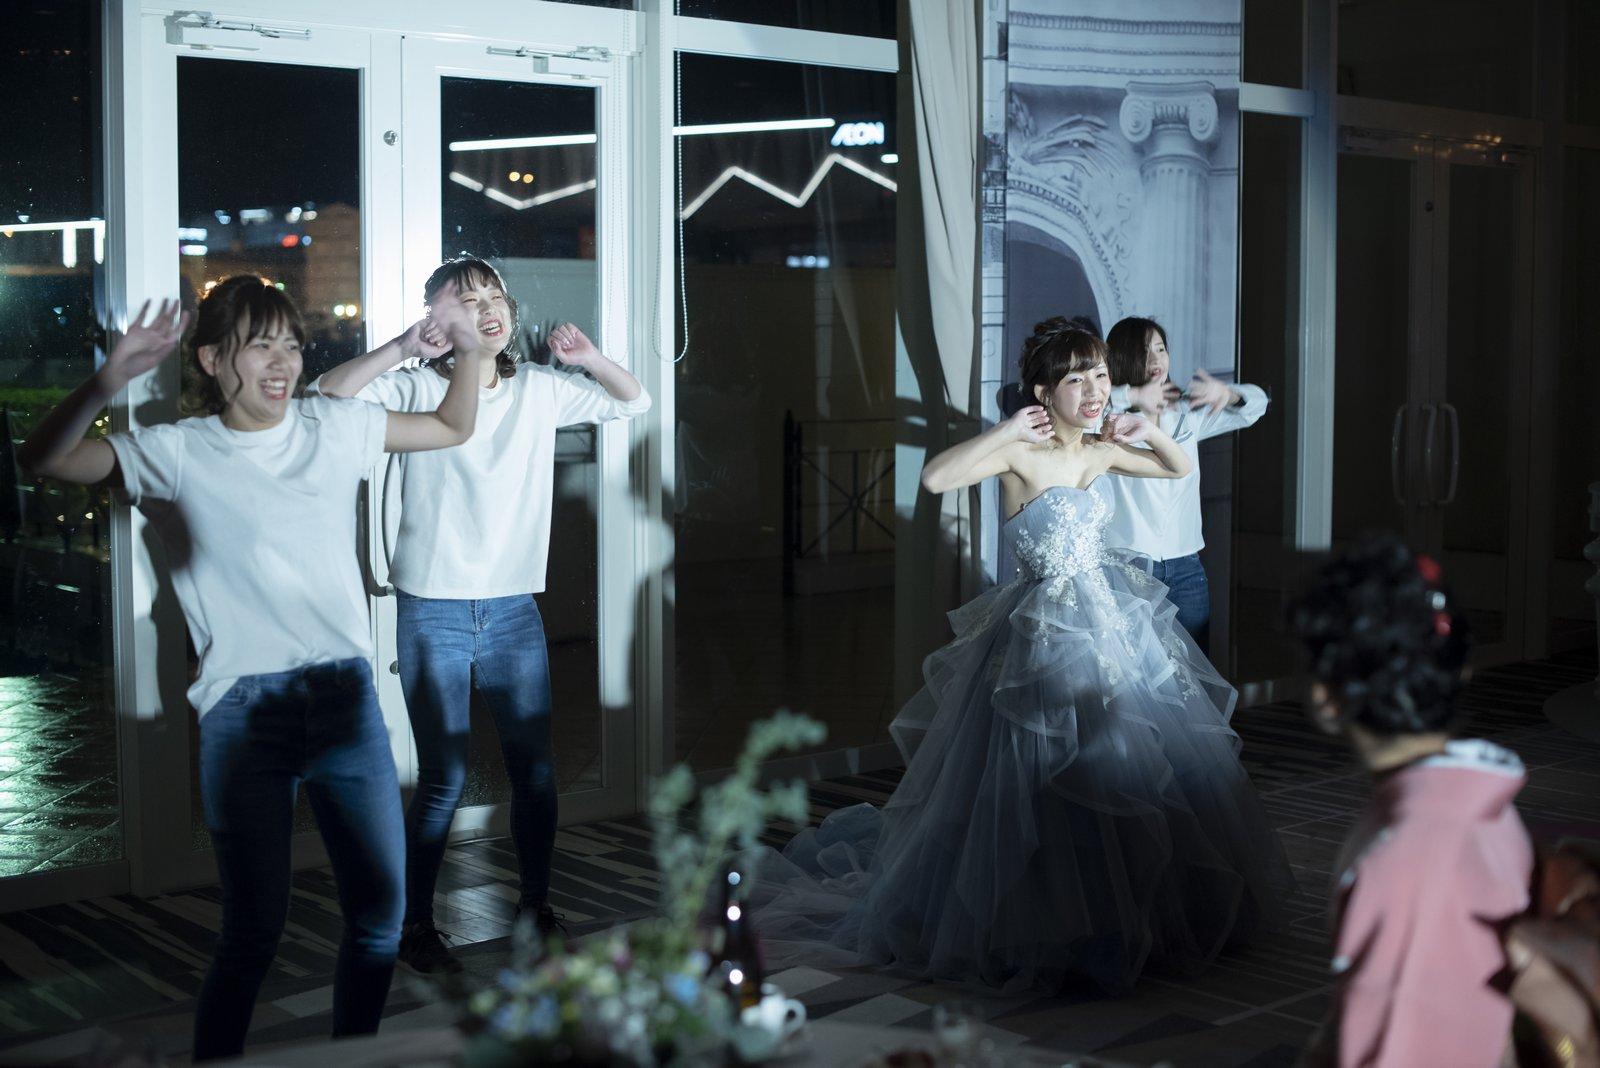 徳島市の結婚式場ブランアンジュで新郎様に向けた新婦様のサプライズダンス